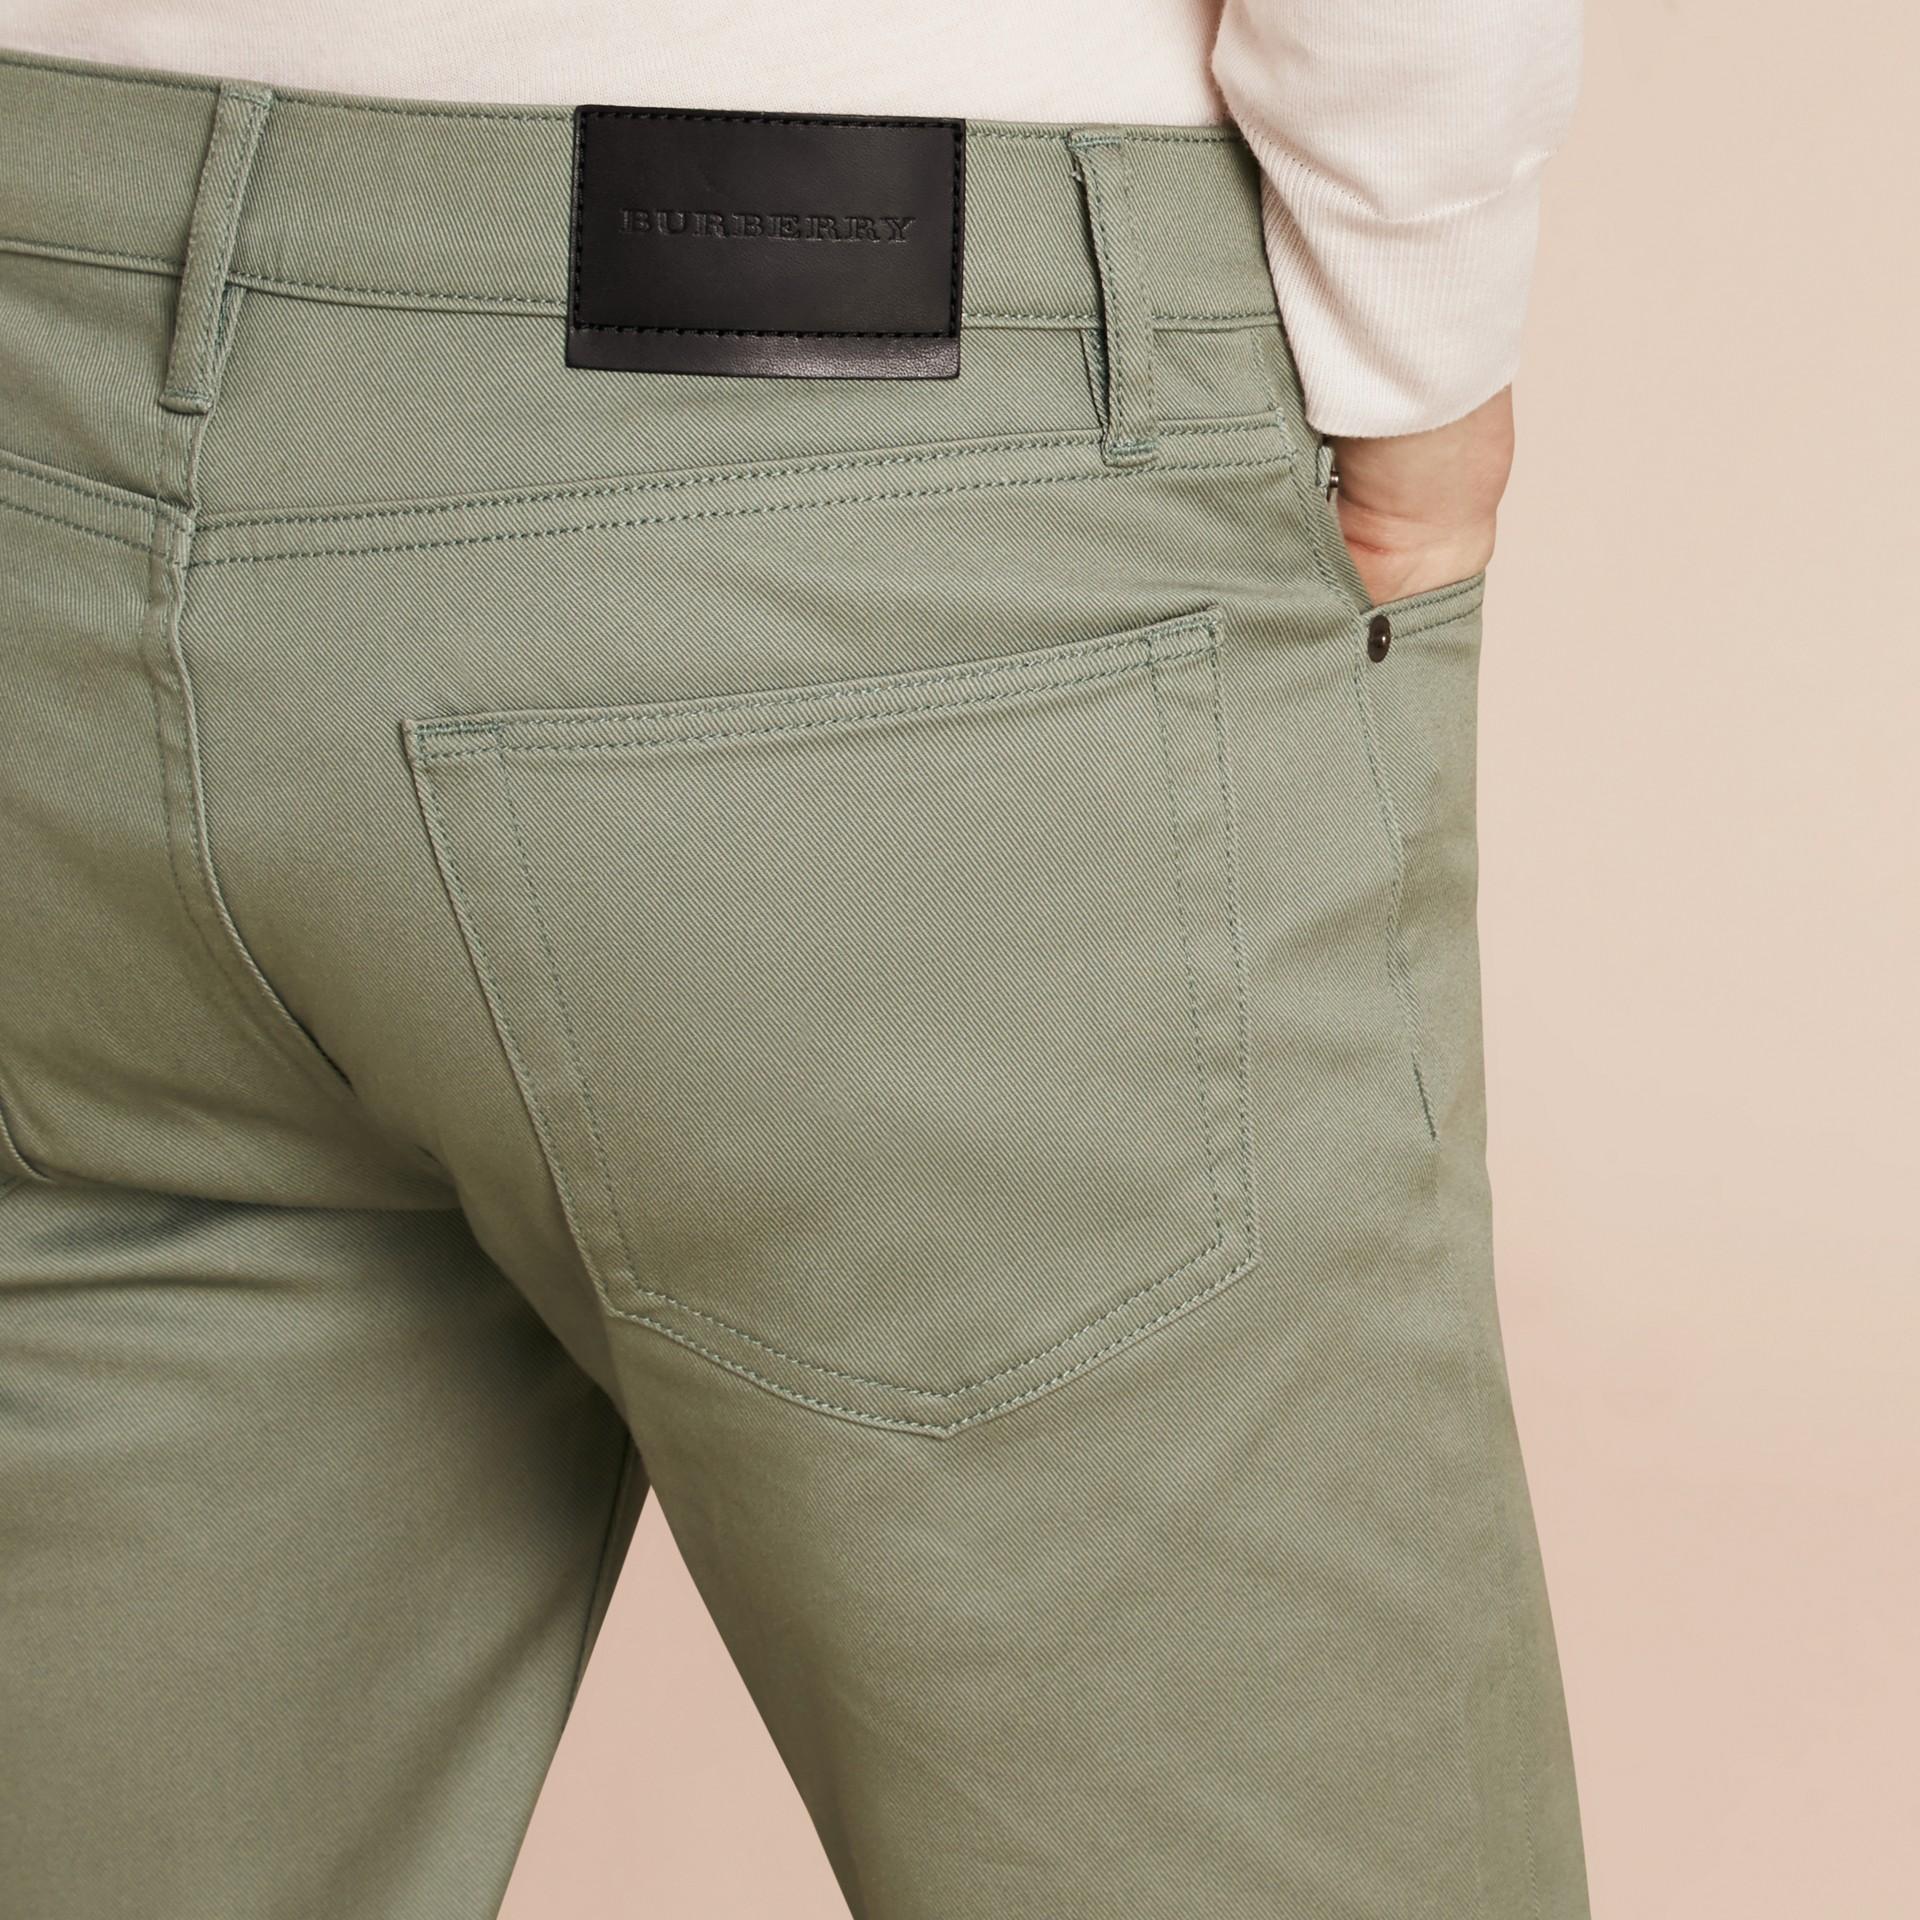 Eukalyptusgrün Körperbetonte Jeans aus japanischem Stretchdenim Eukalyptusgrün - Galerie-Bild 6